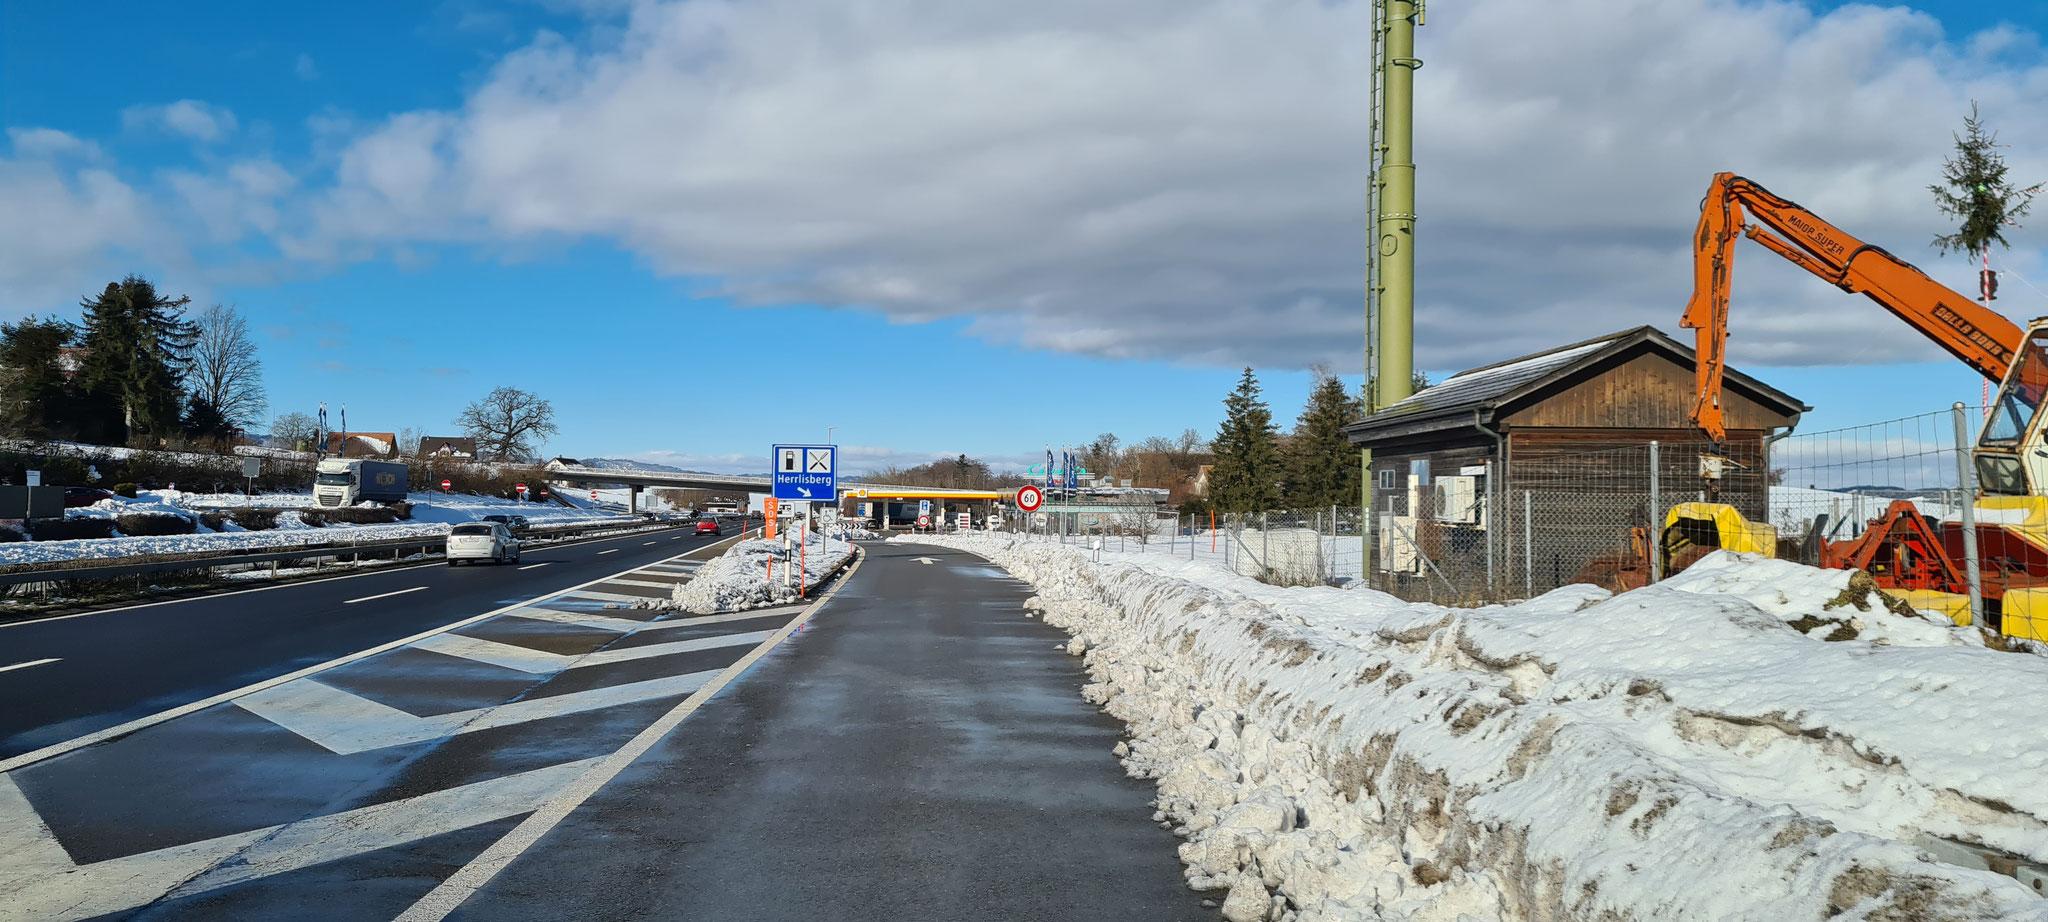 Wasserwechsel auf der Raststätte Herrlisberg